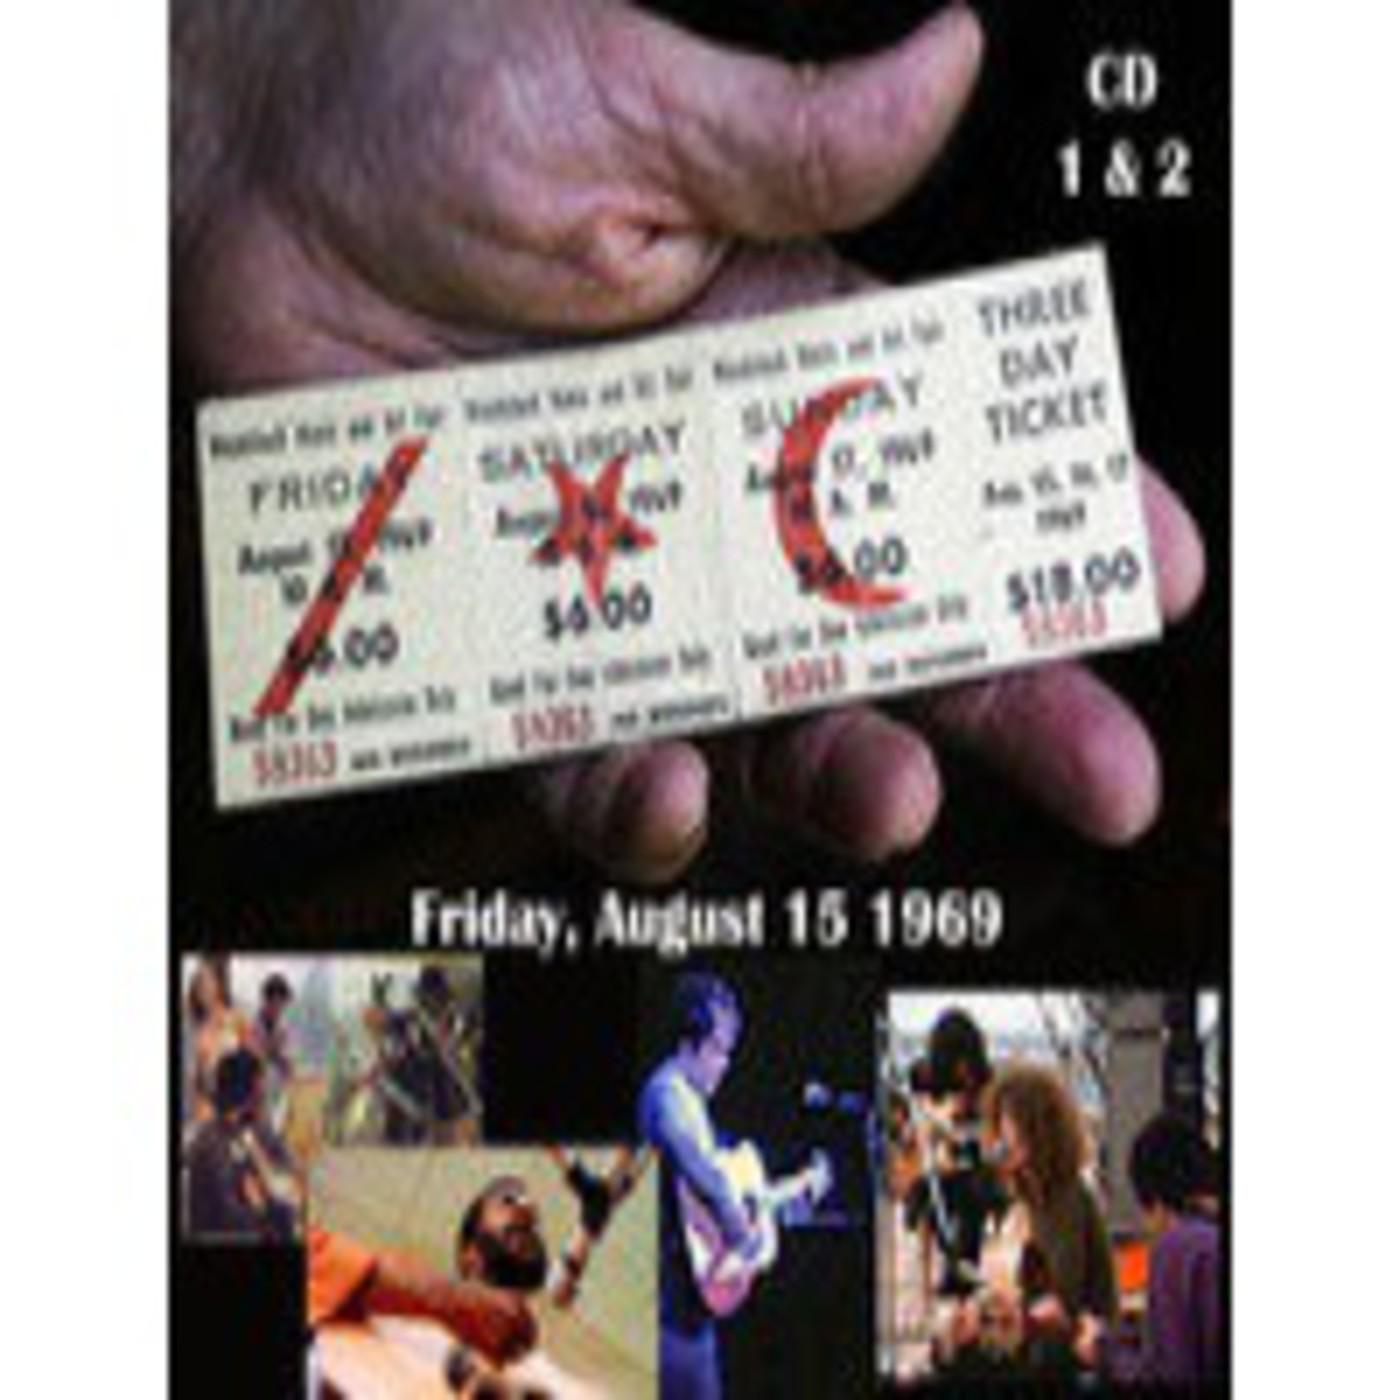 Woodstock 1969 1st Day CD 02